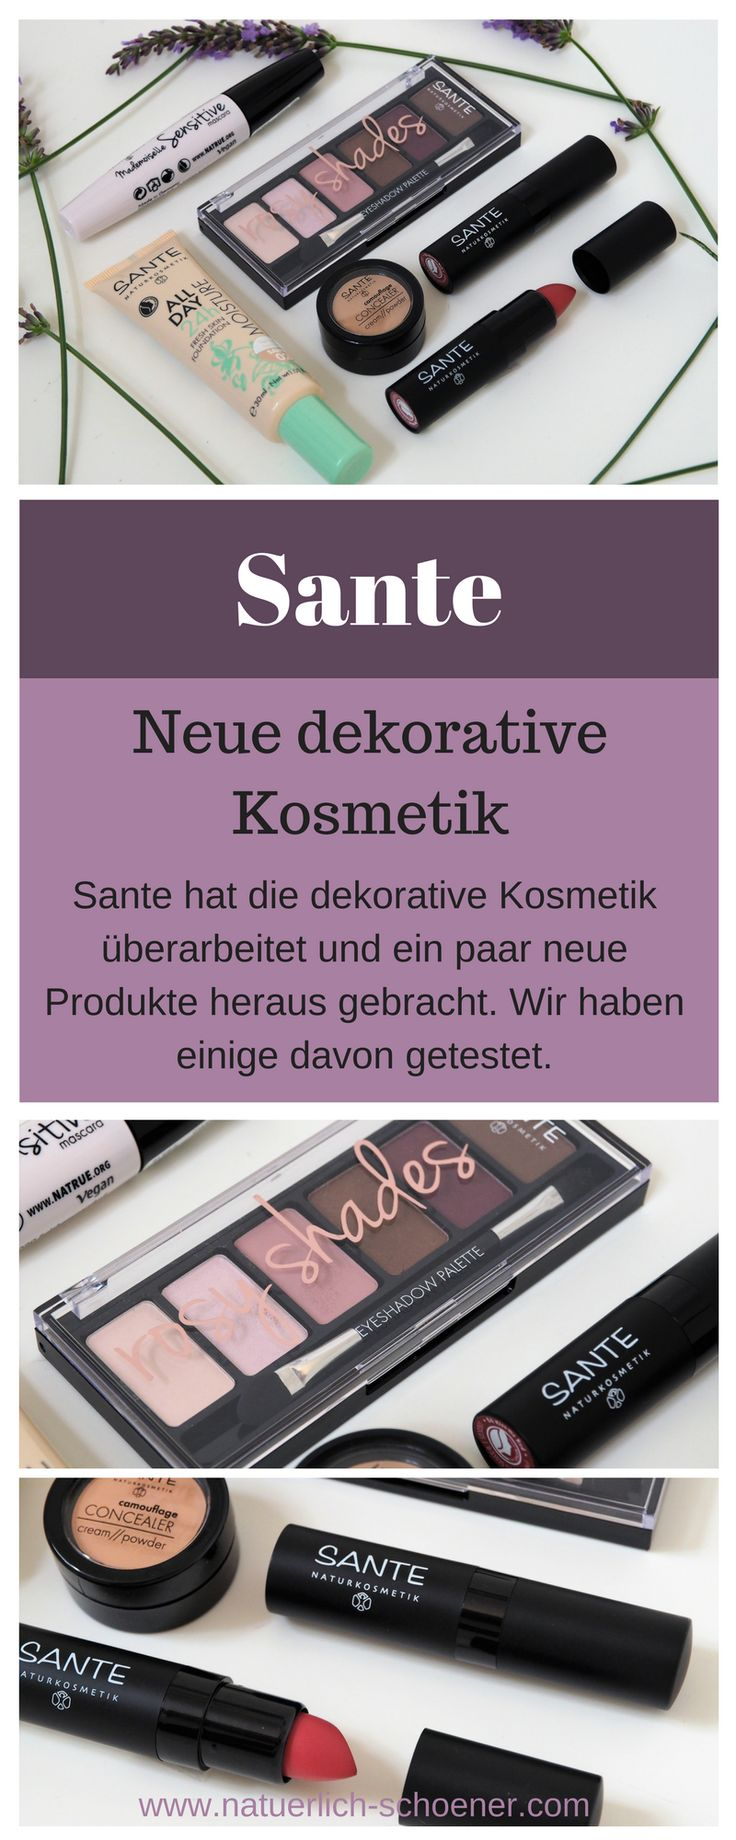 Wir haben die neue dekorative Kosmetik von Sante getestet. Lest hier, wie uns die Produkte gefallen haben. #naturkosmetik #sante #beauty